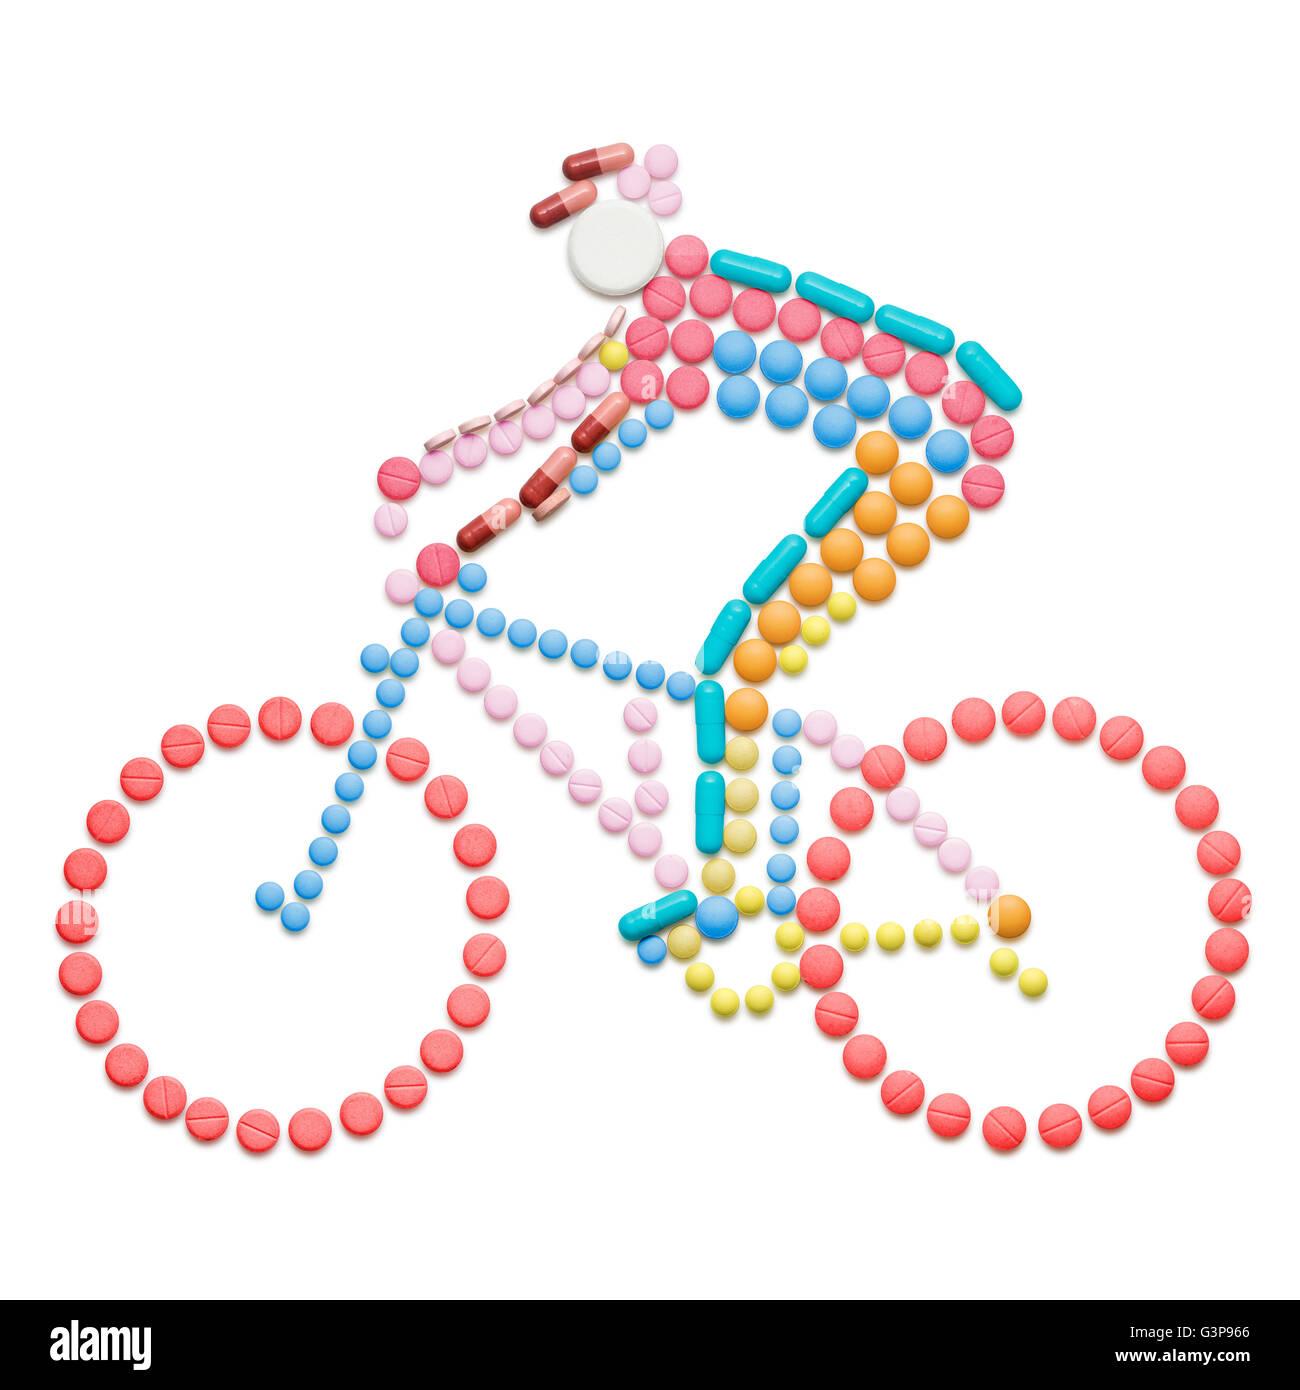 El dopaje drogas y pastillas en la forma de una bicicleta de carretera racer en una bicicleta. Imagen De Stock